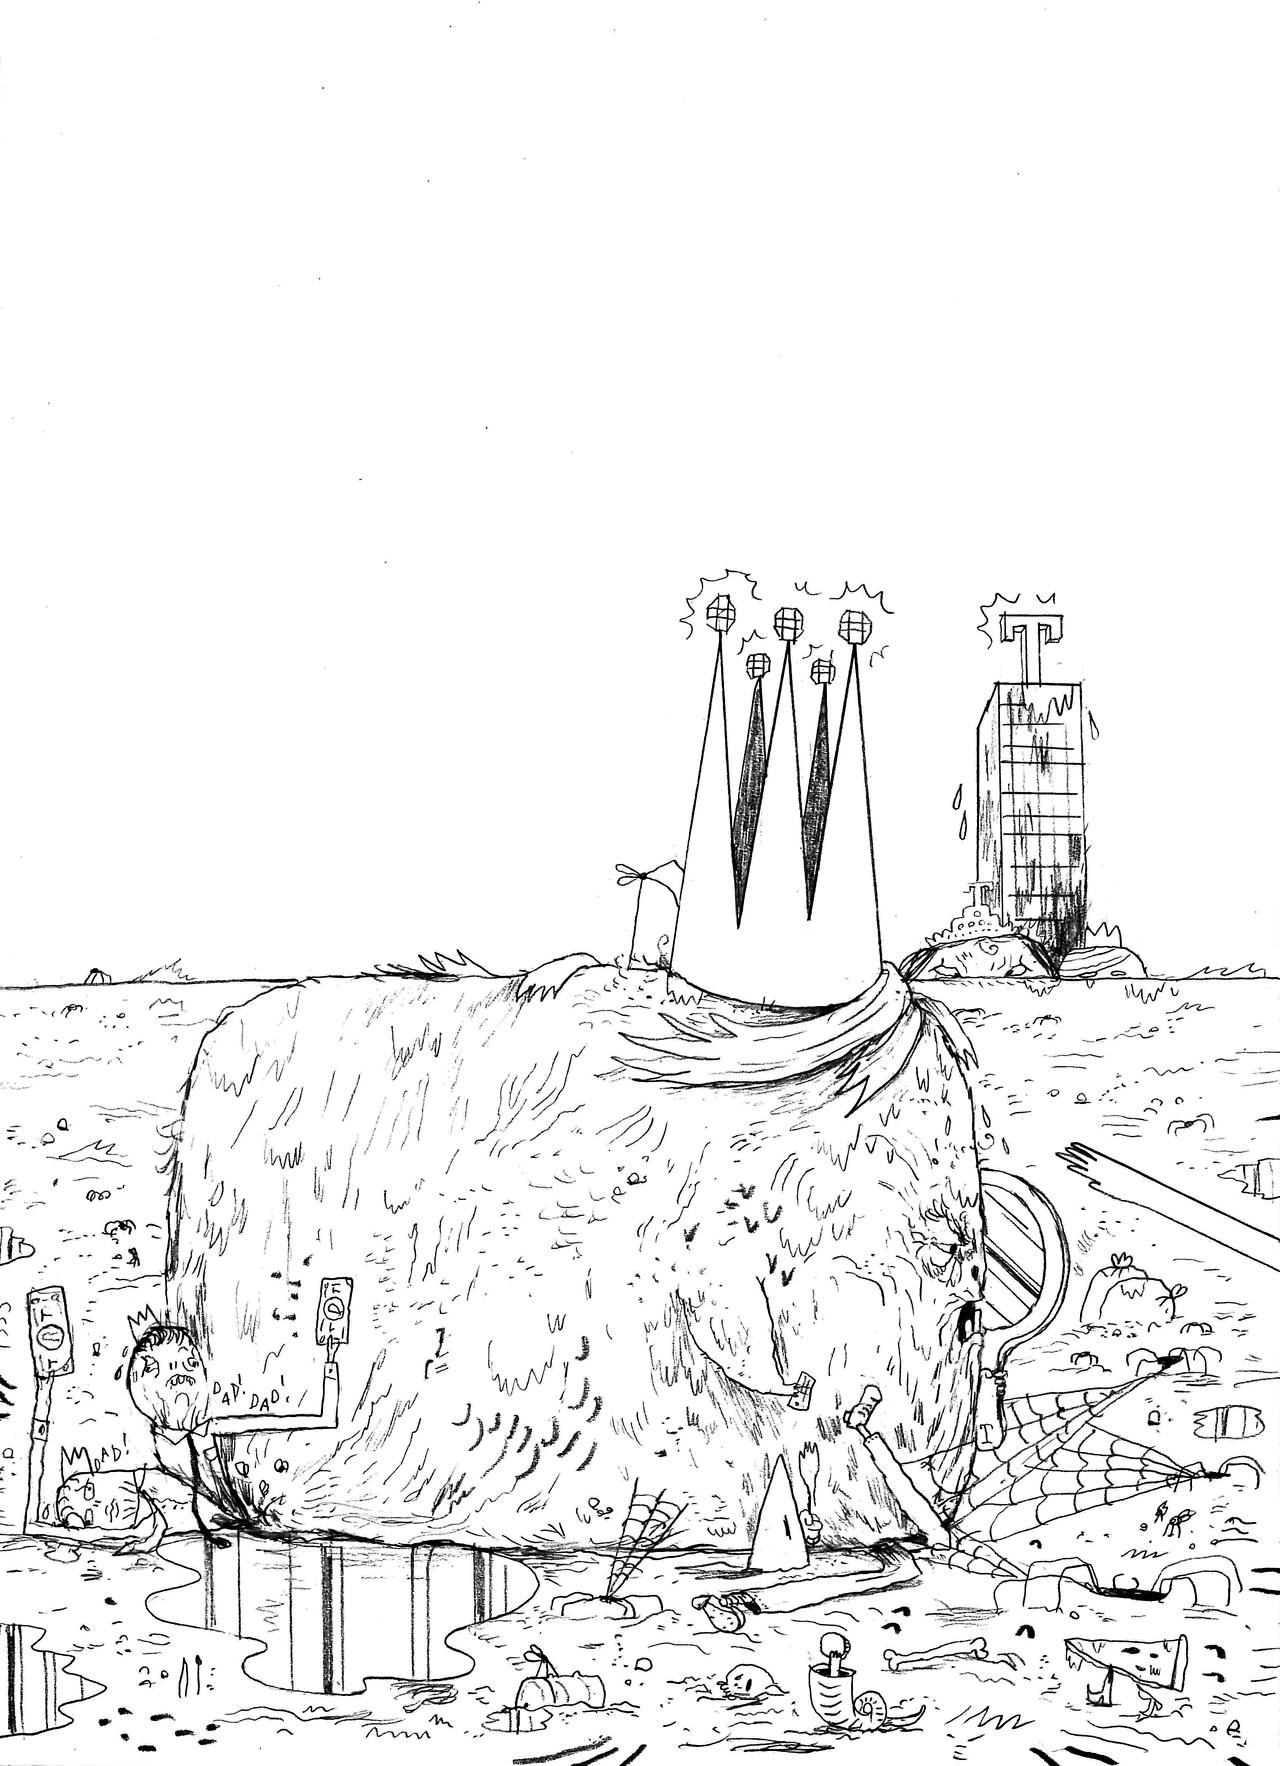 Ilustración del proyecto 'TrumpTrump' - Warren Craghead - Imagen: trumptrump.tumblr.com